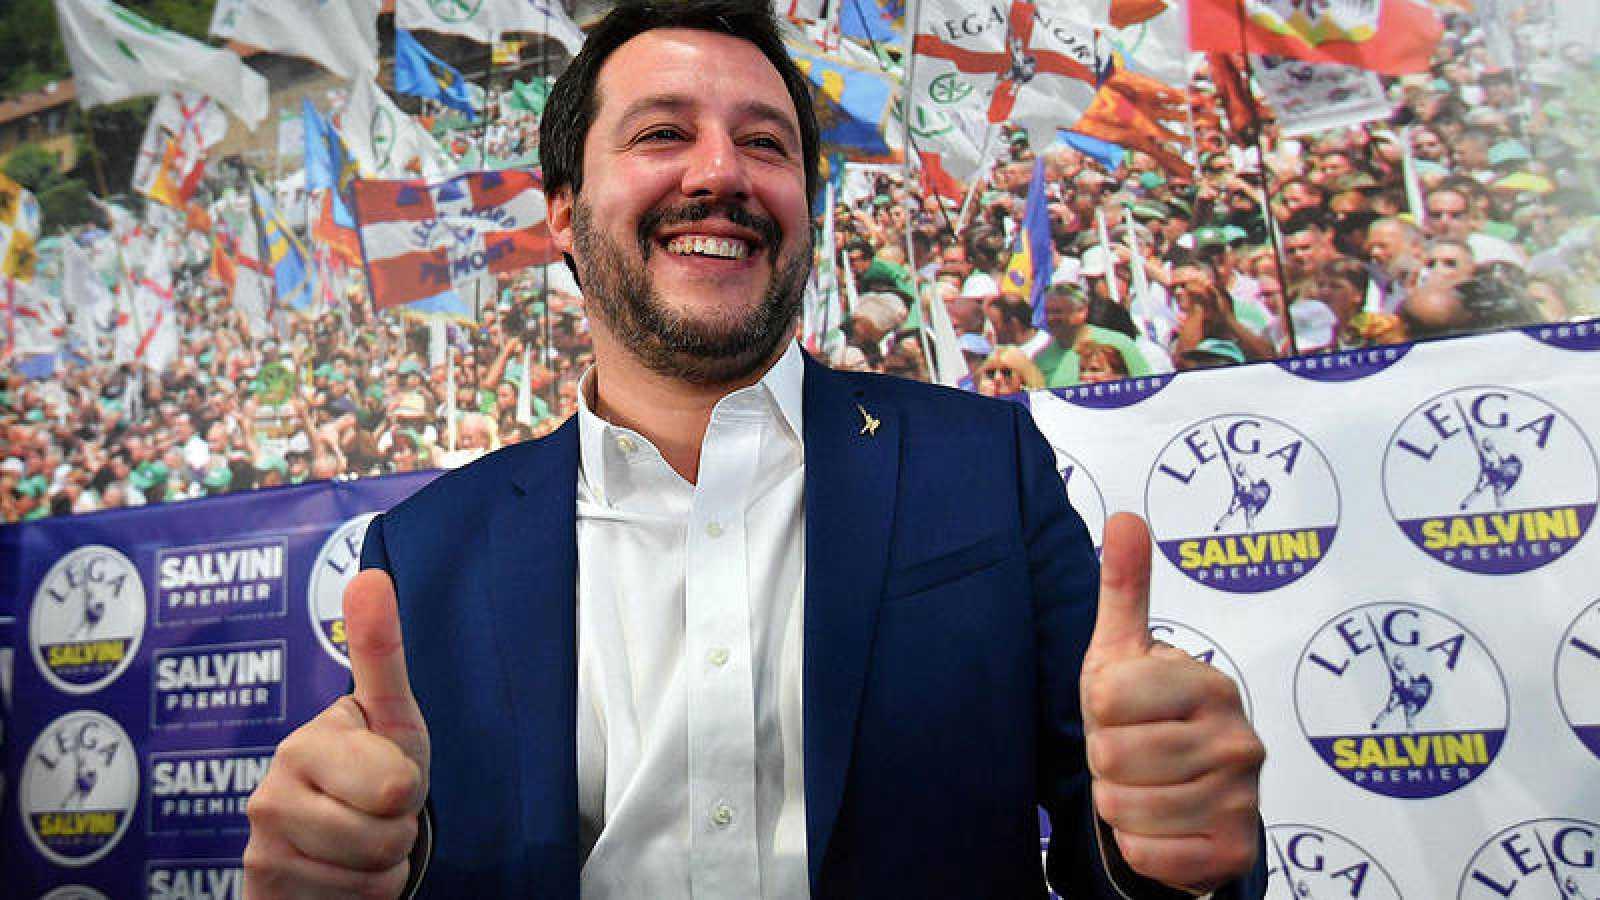 Matteo Salvini, líder de la Liga Norte, celebra el buen resultado de su partido tras las elecciones italianas.